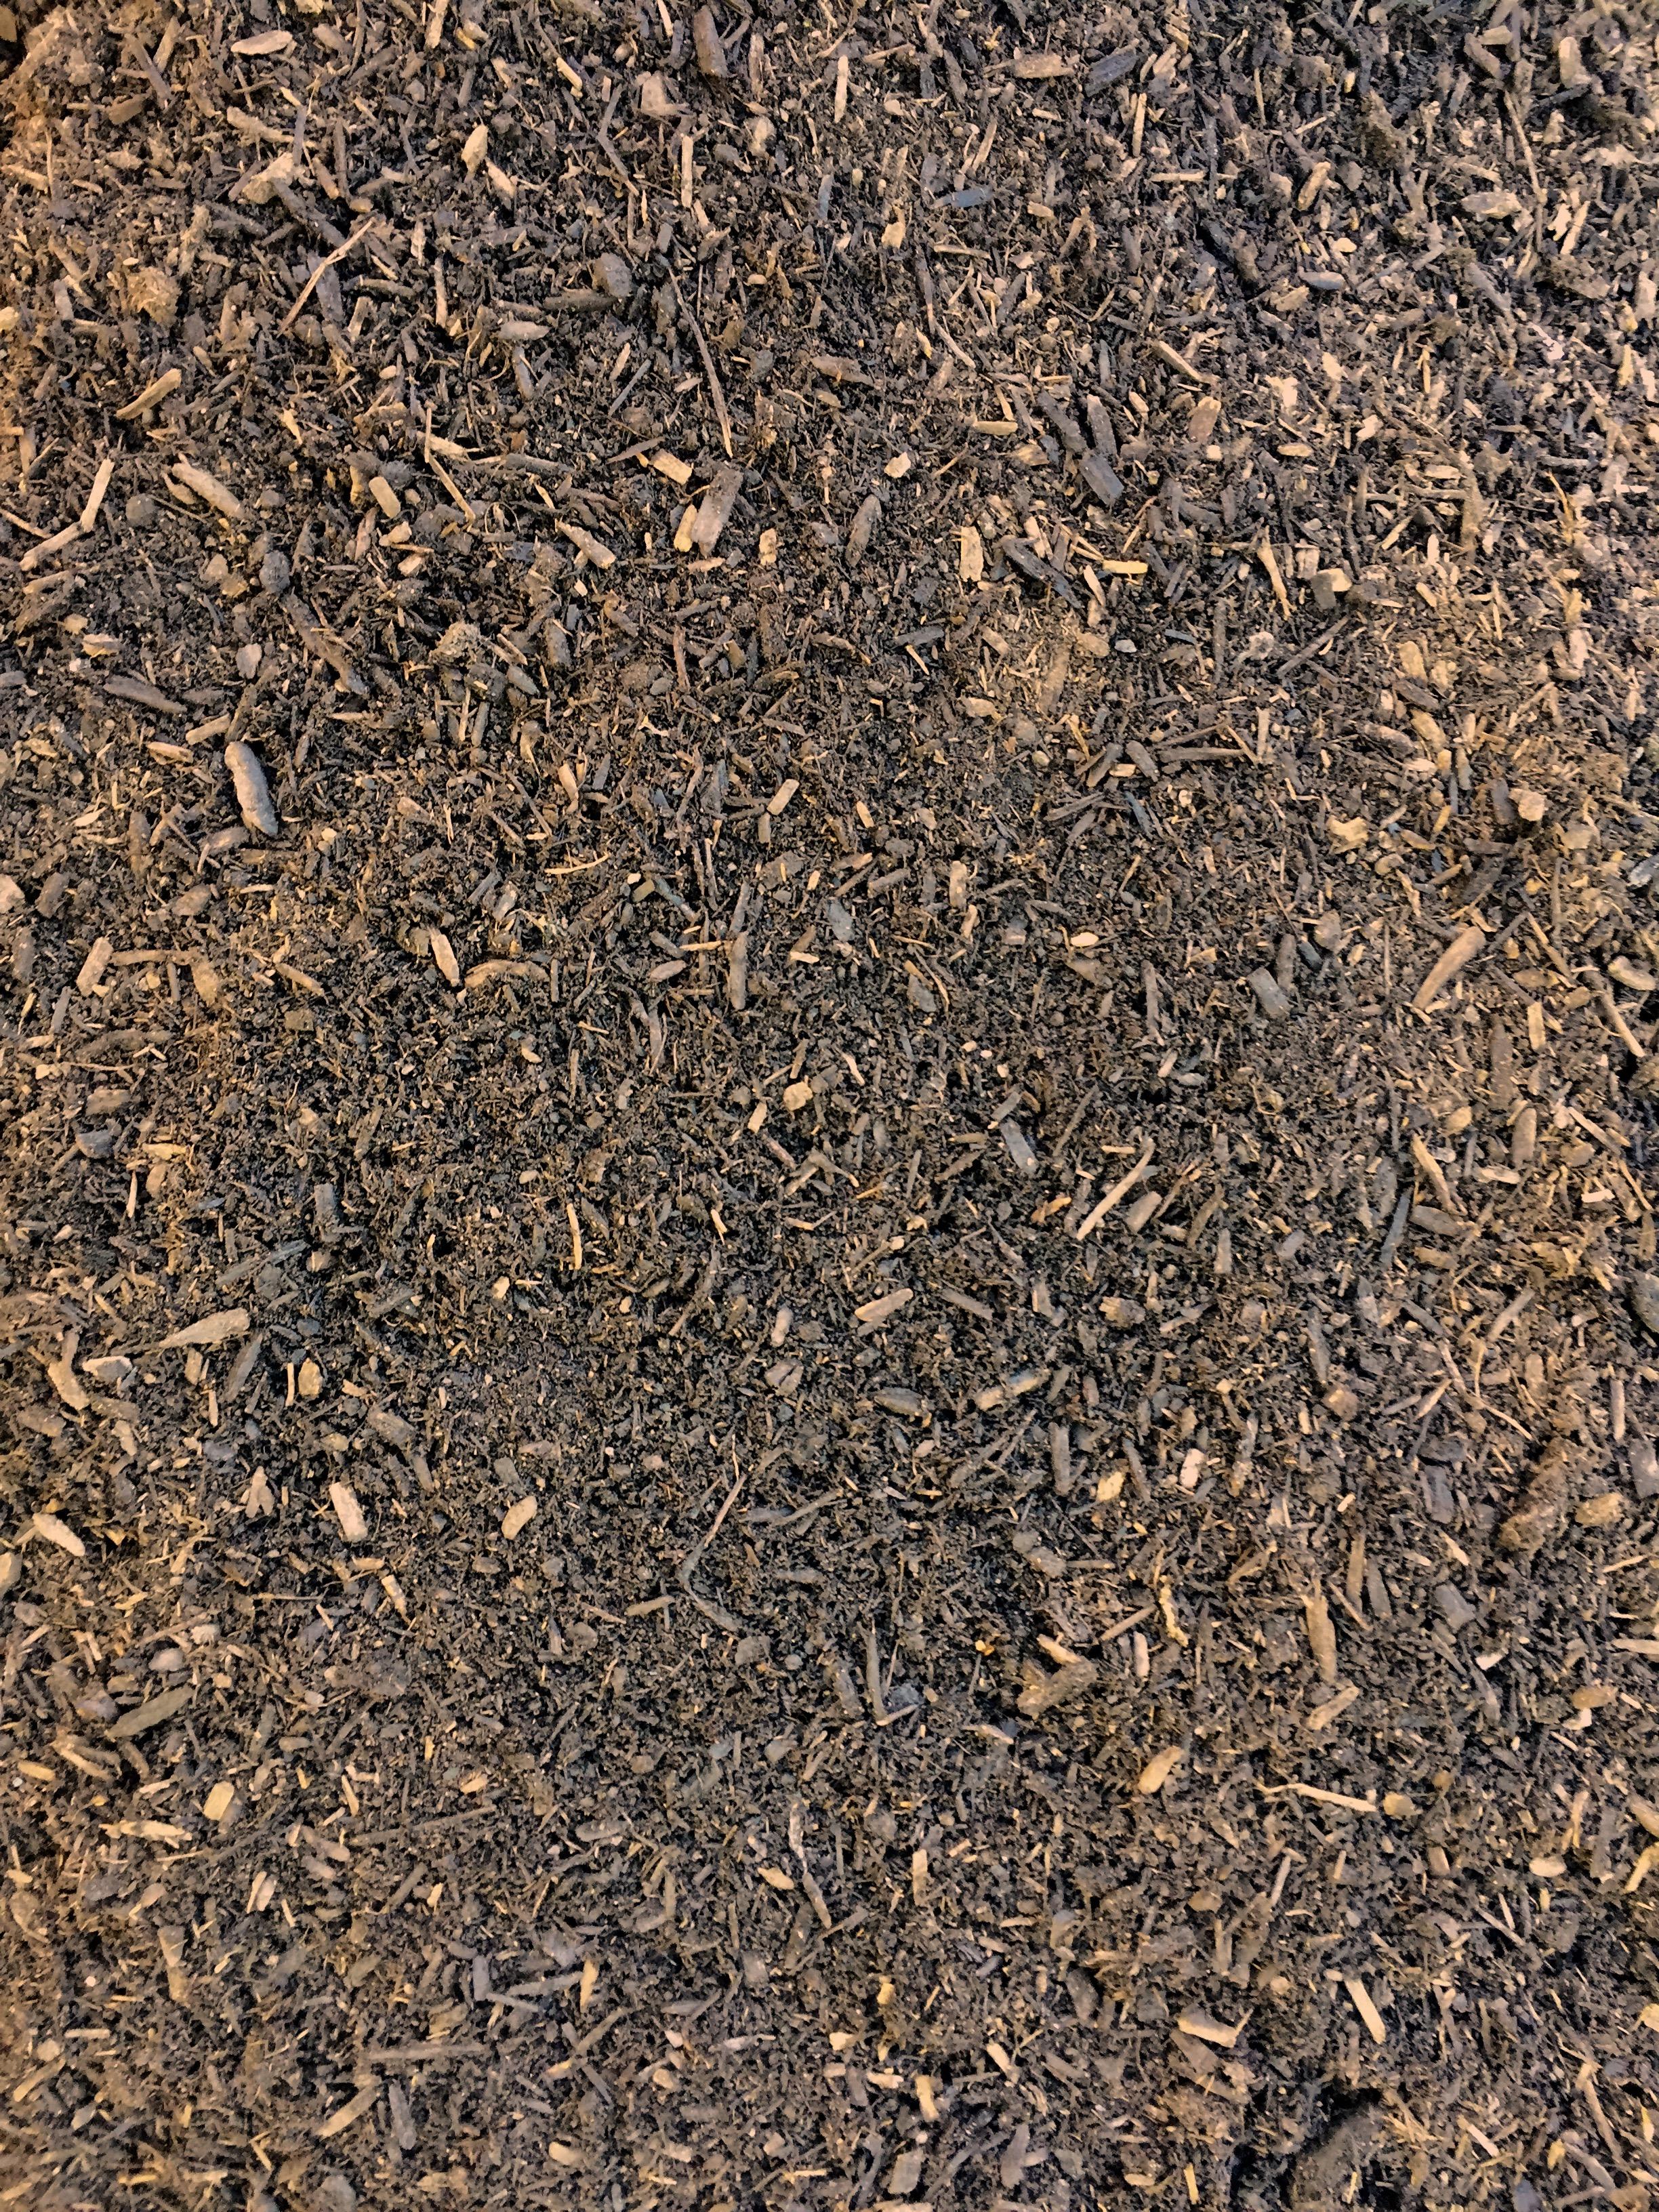 Mushroom compost cubic yd plumline nursery for Mushroom soil